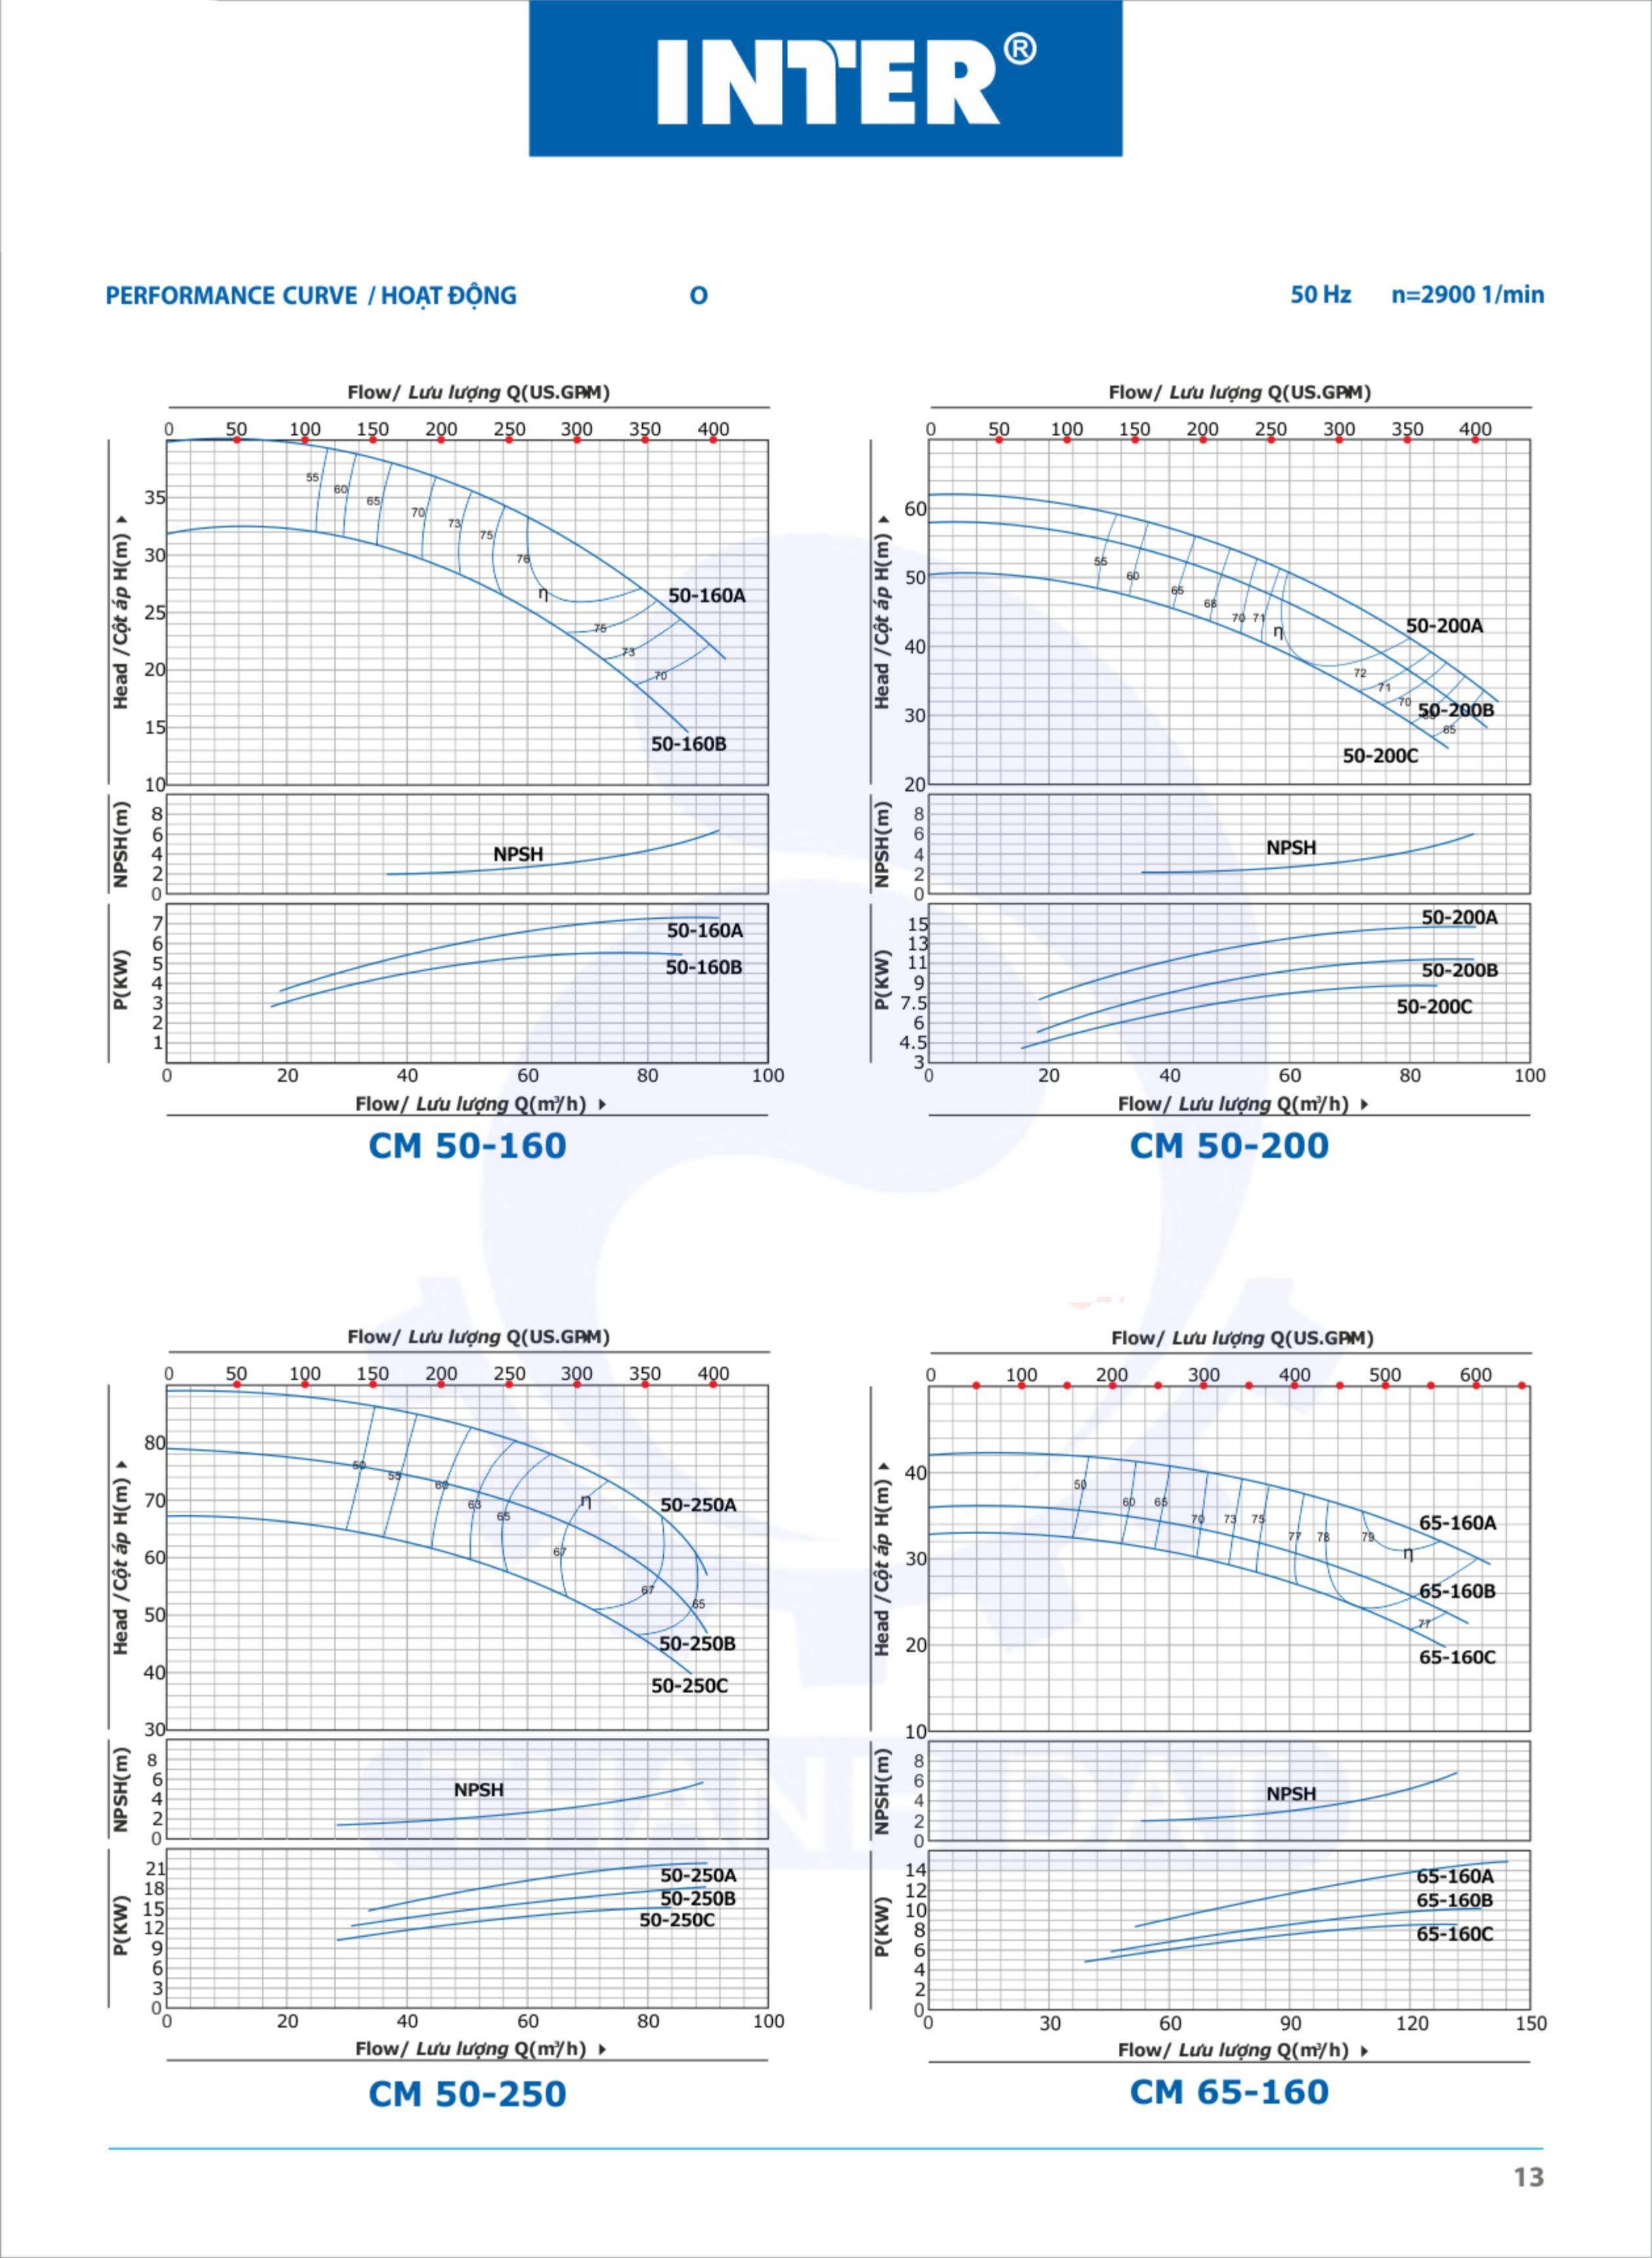 Máy bơm nước Inter CM 50-200C 12.5HP